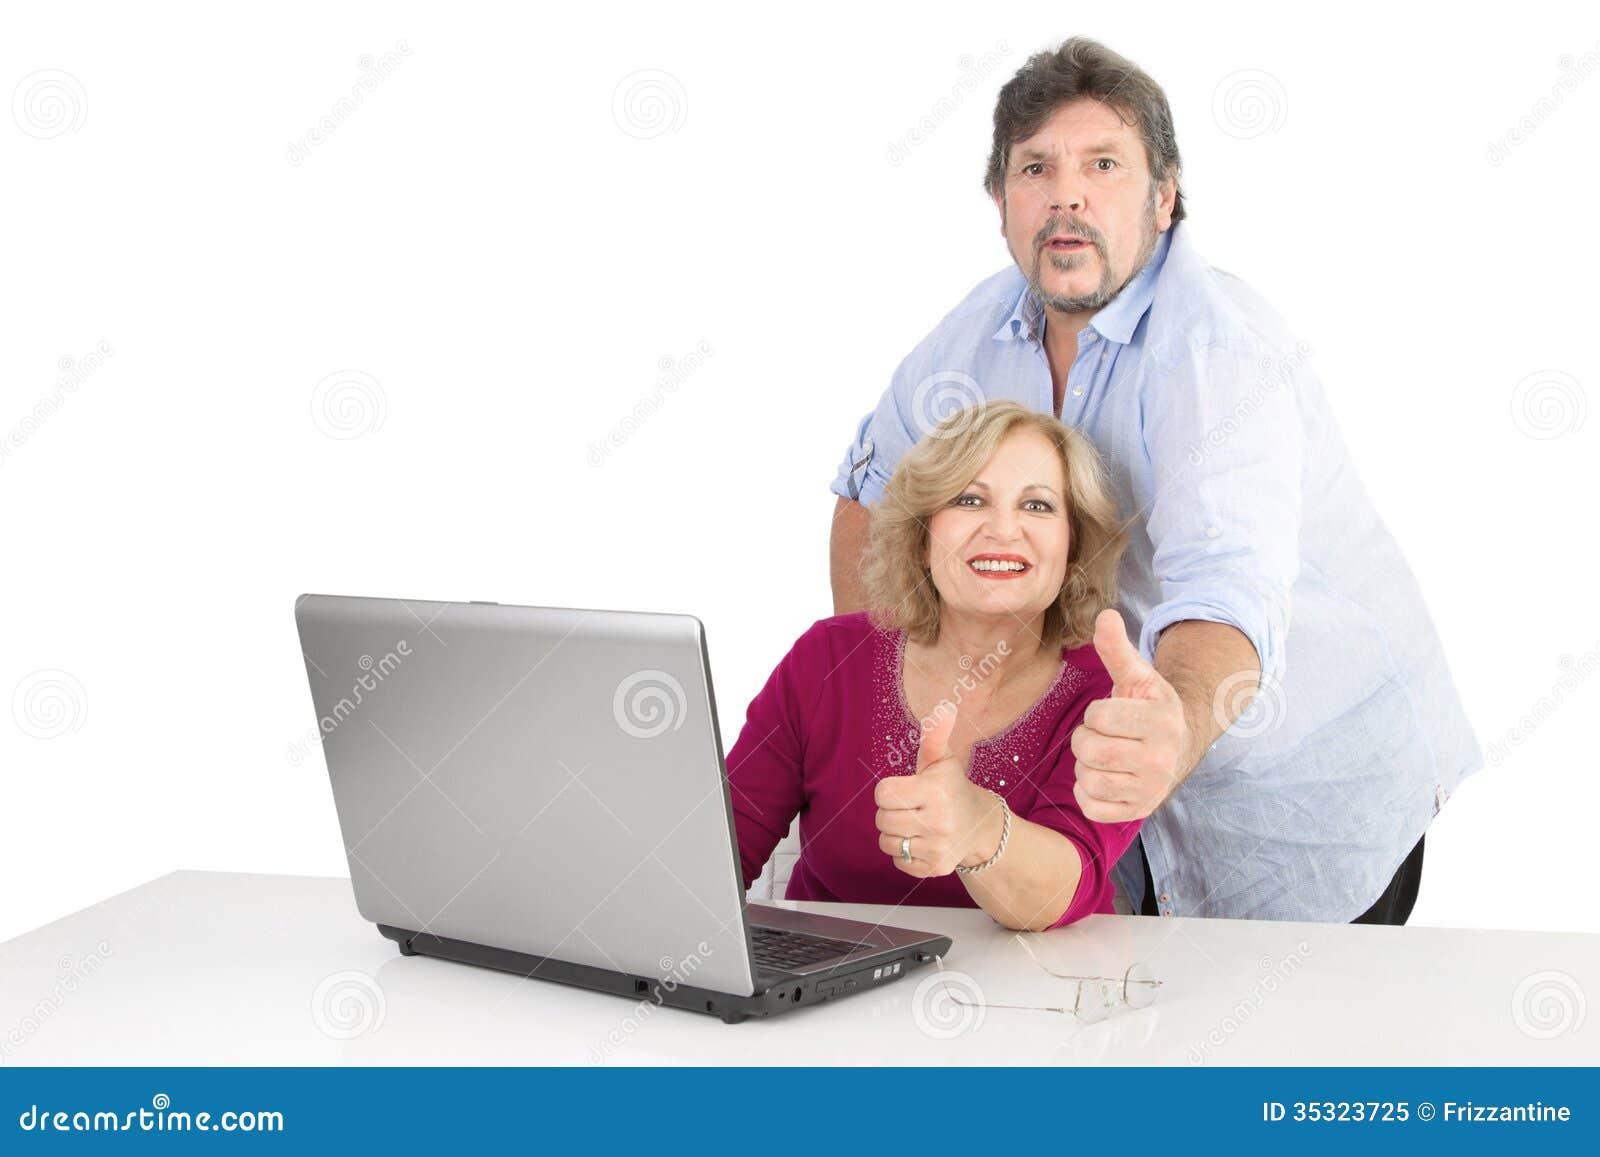 Reife Daumen des glücklichen Paars oben - Mann und Frau lokalisiert auf Weiß